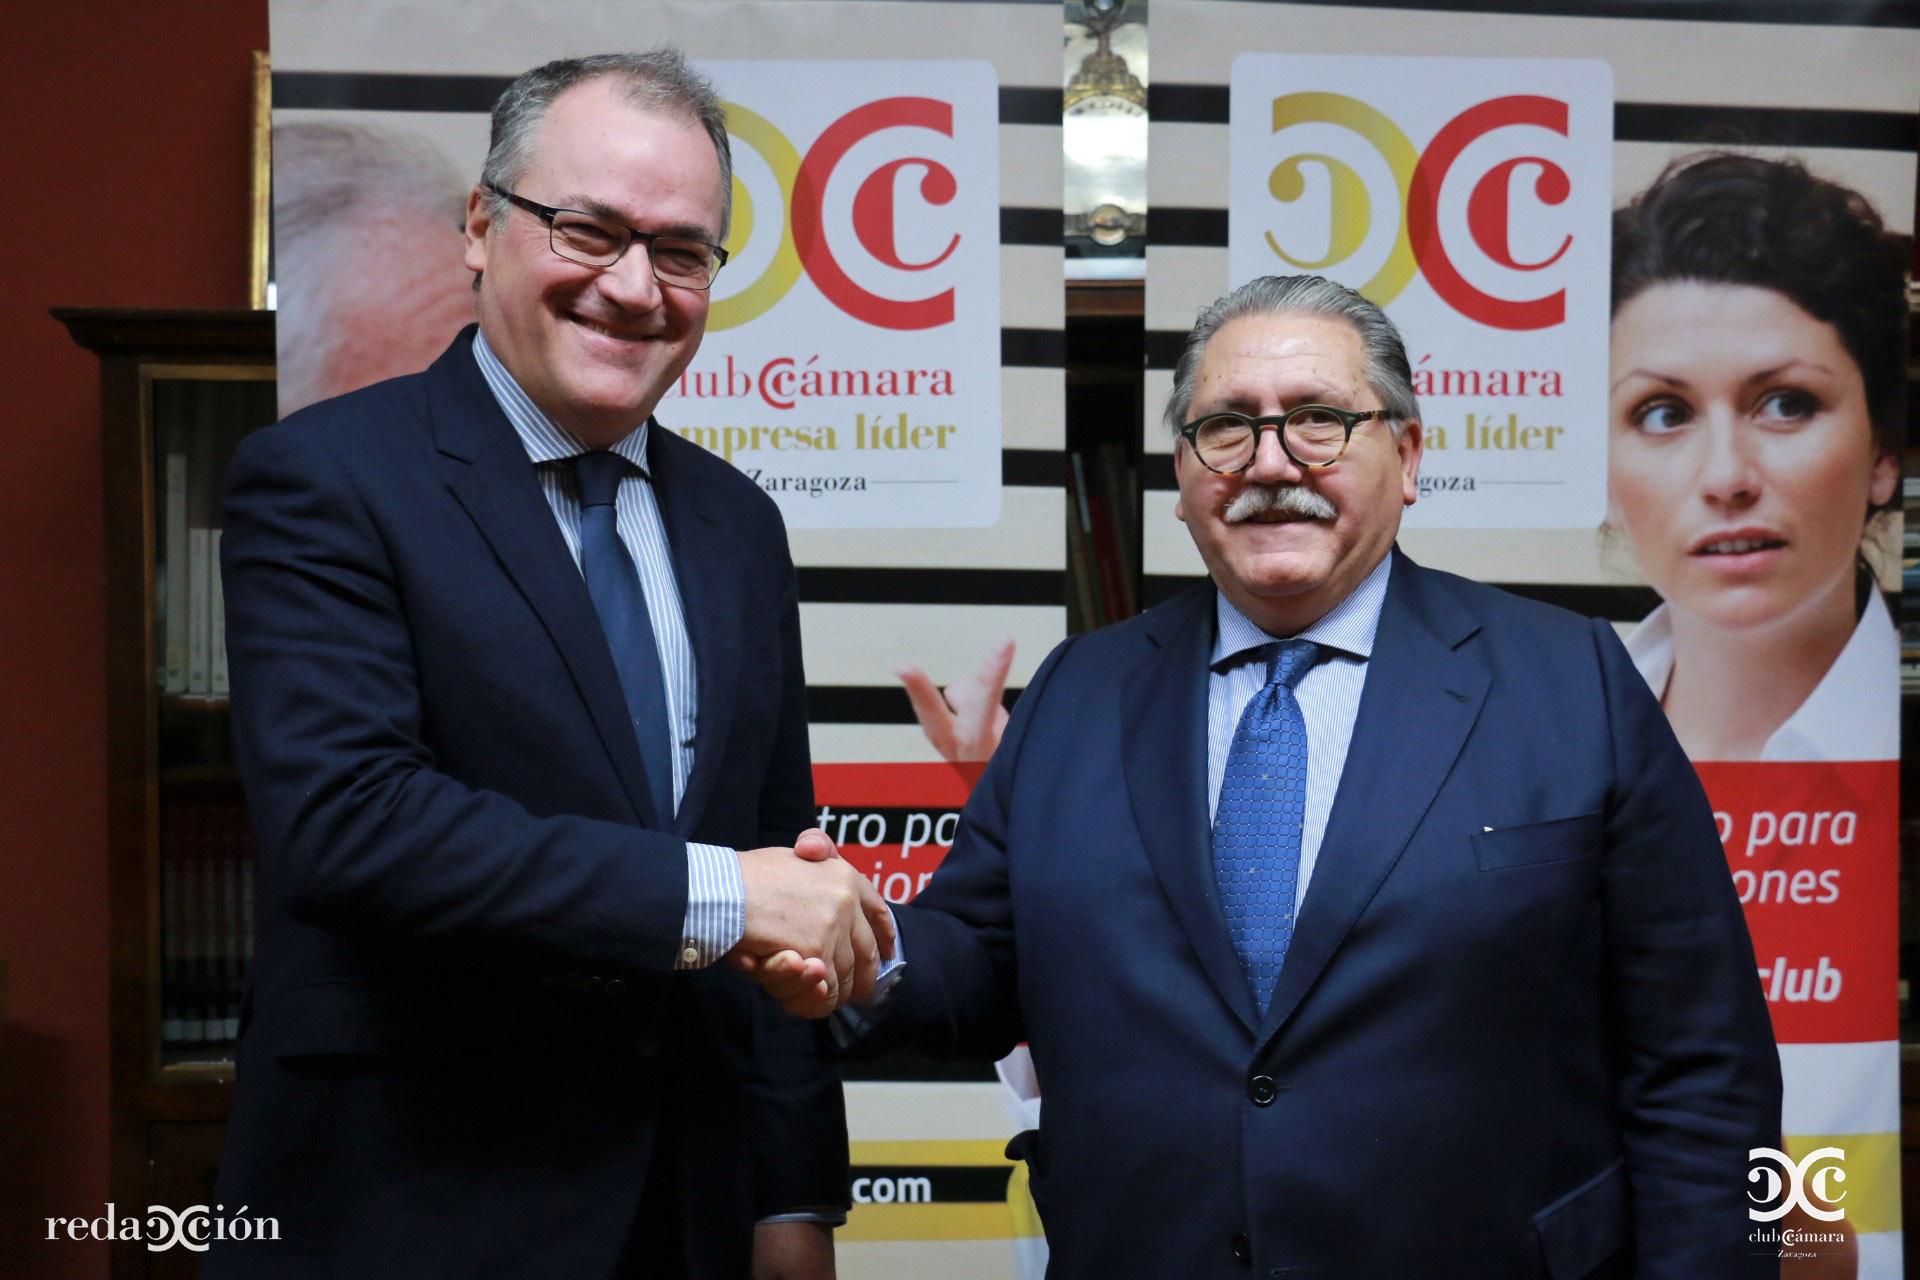 Ignacio Blanco, director territorial de Endesa en Aragón, con el presidente de Cámara Zaragoza, Manuel Teruel,.